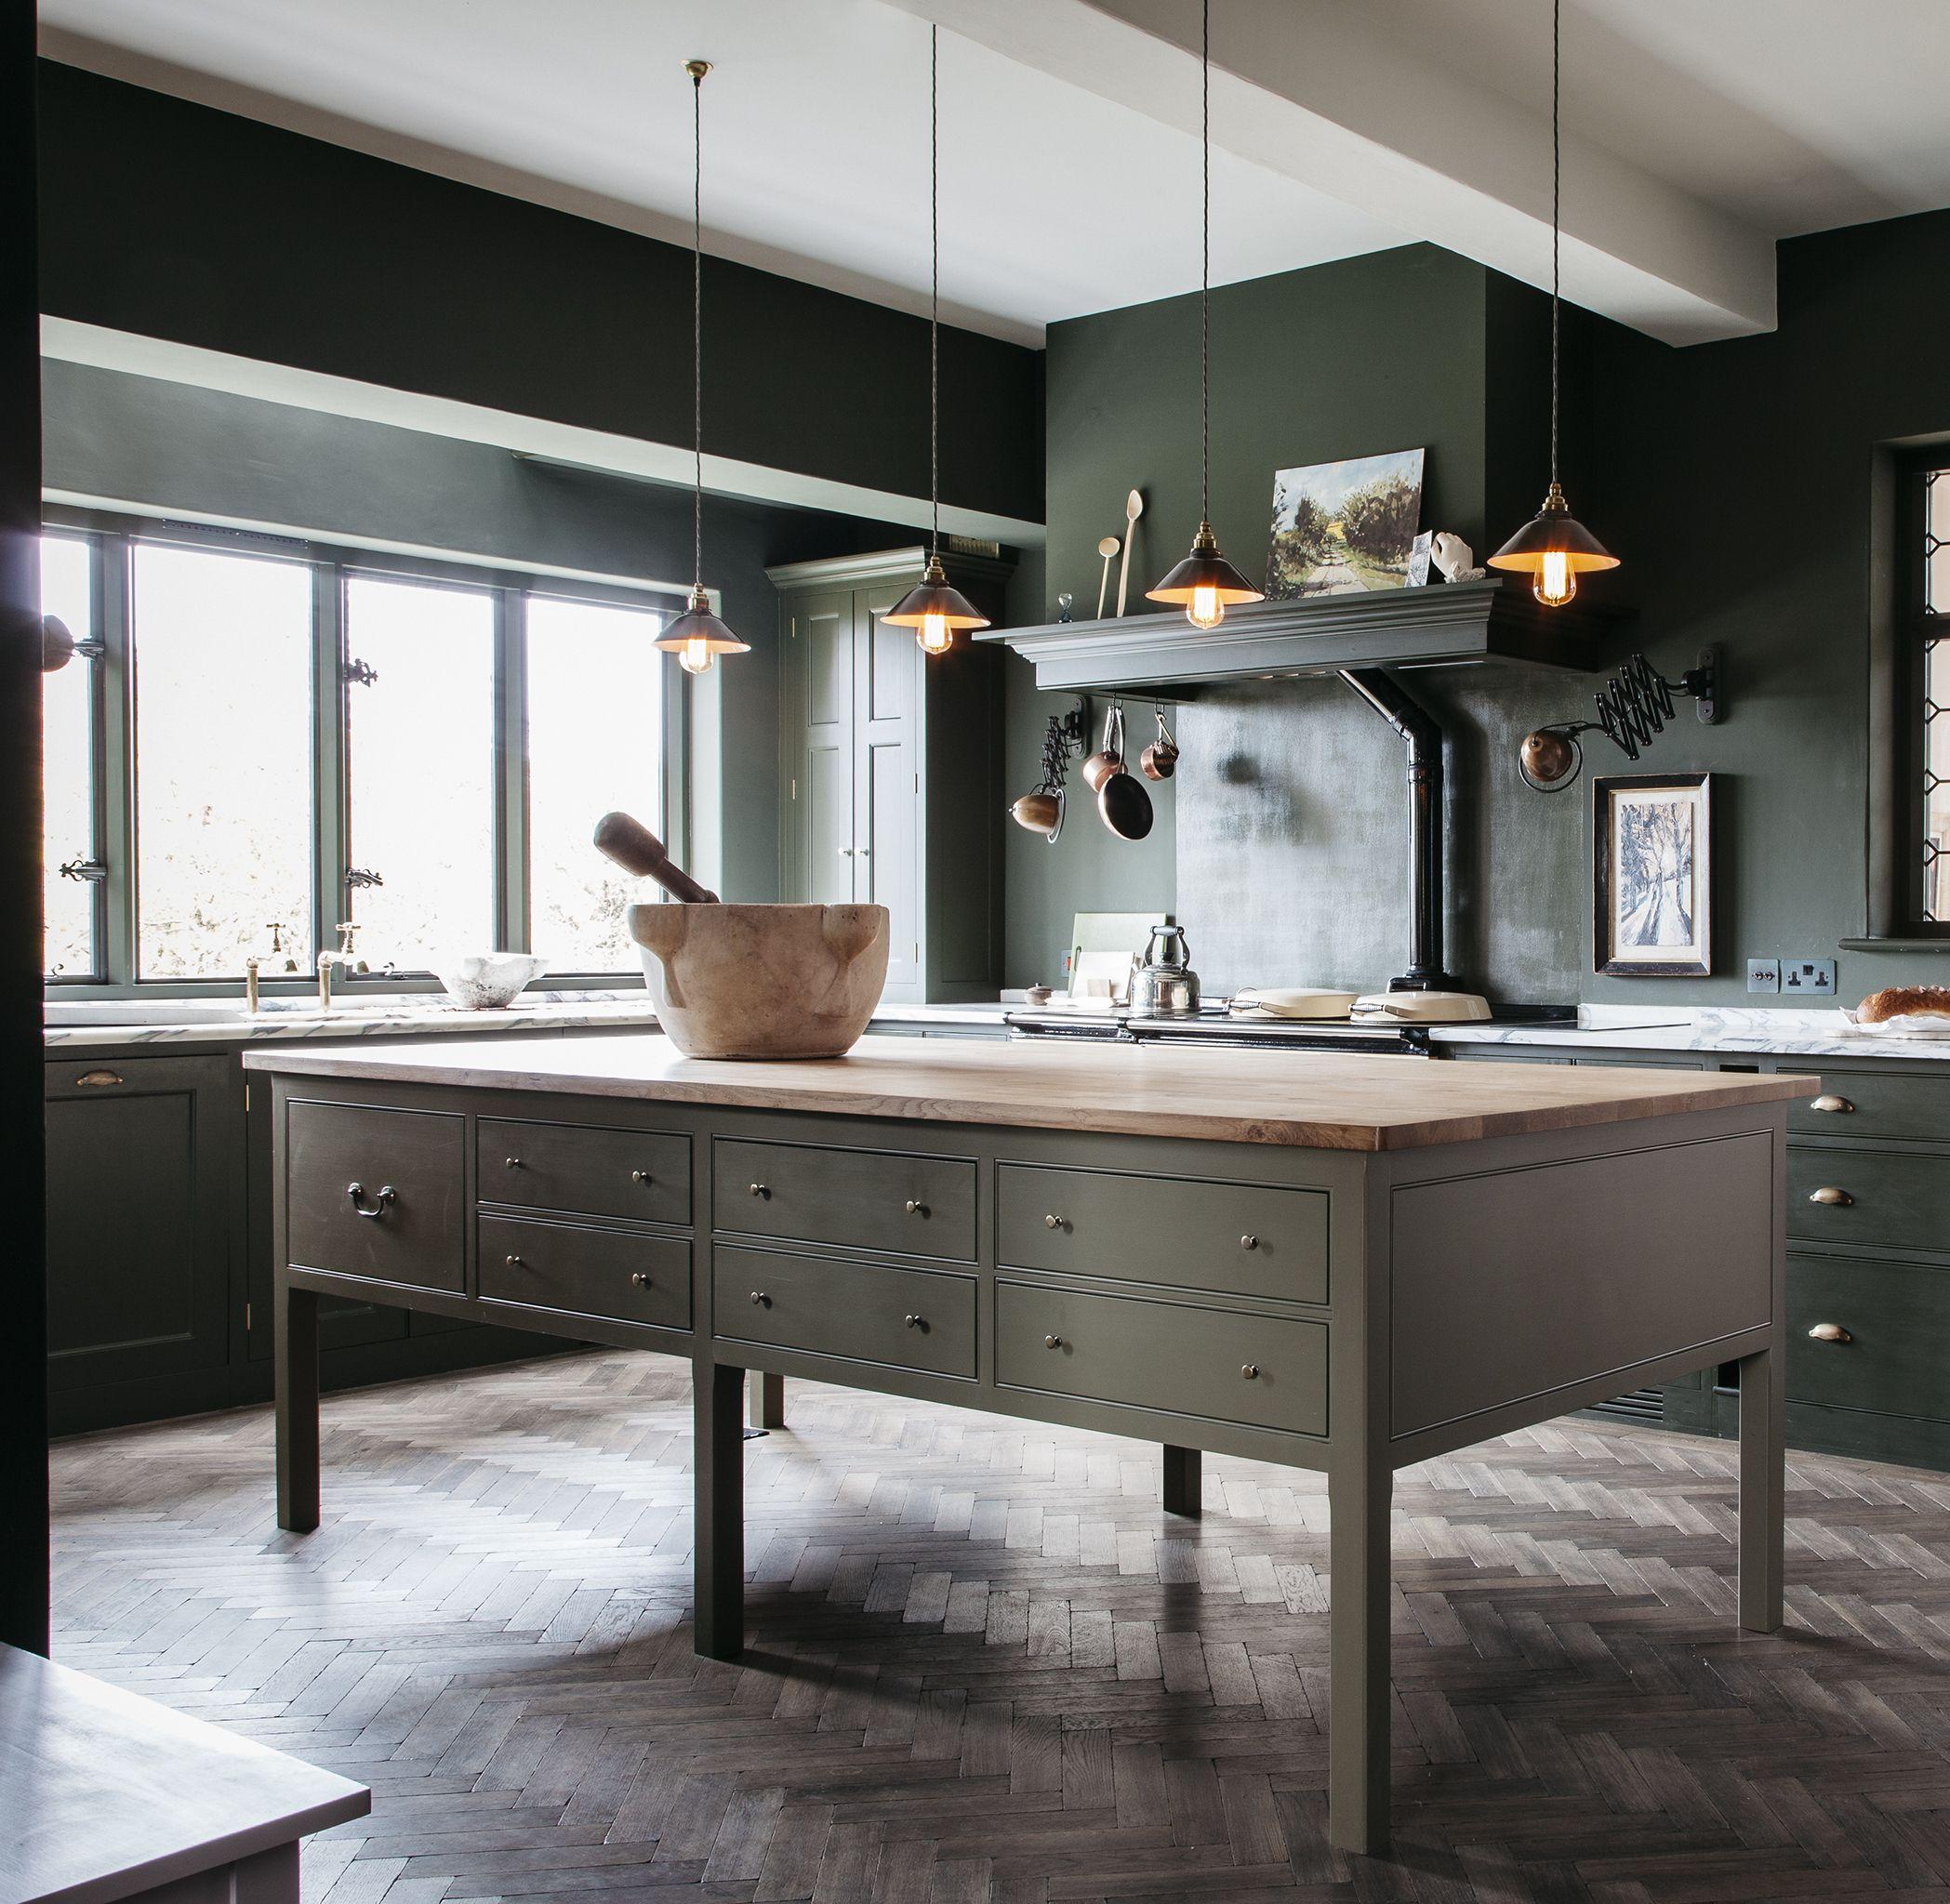 Fitted Kitchen Interior Designs Ideas Kitchen Cabinet: Efficient Free Standing Kitchen Cabinets: Best Design For